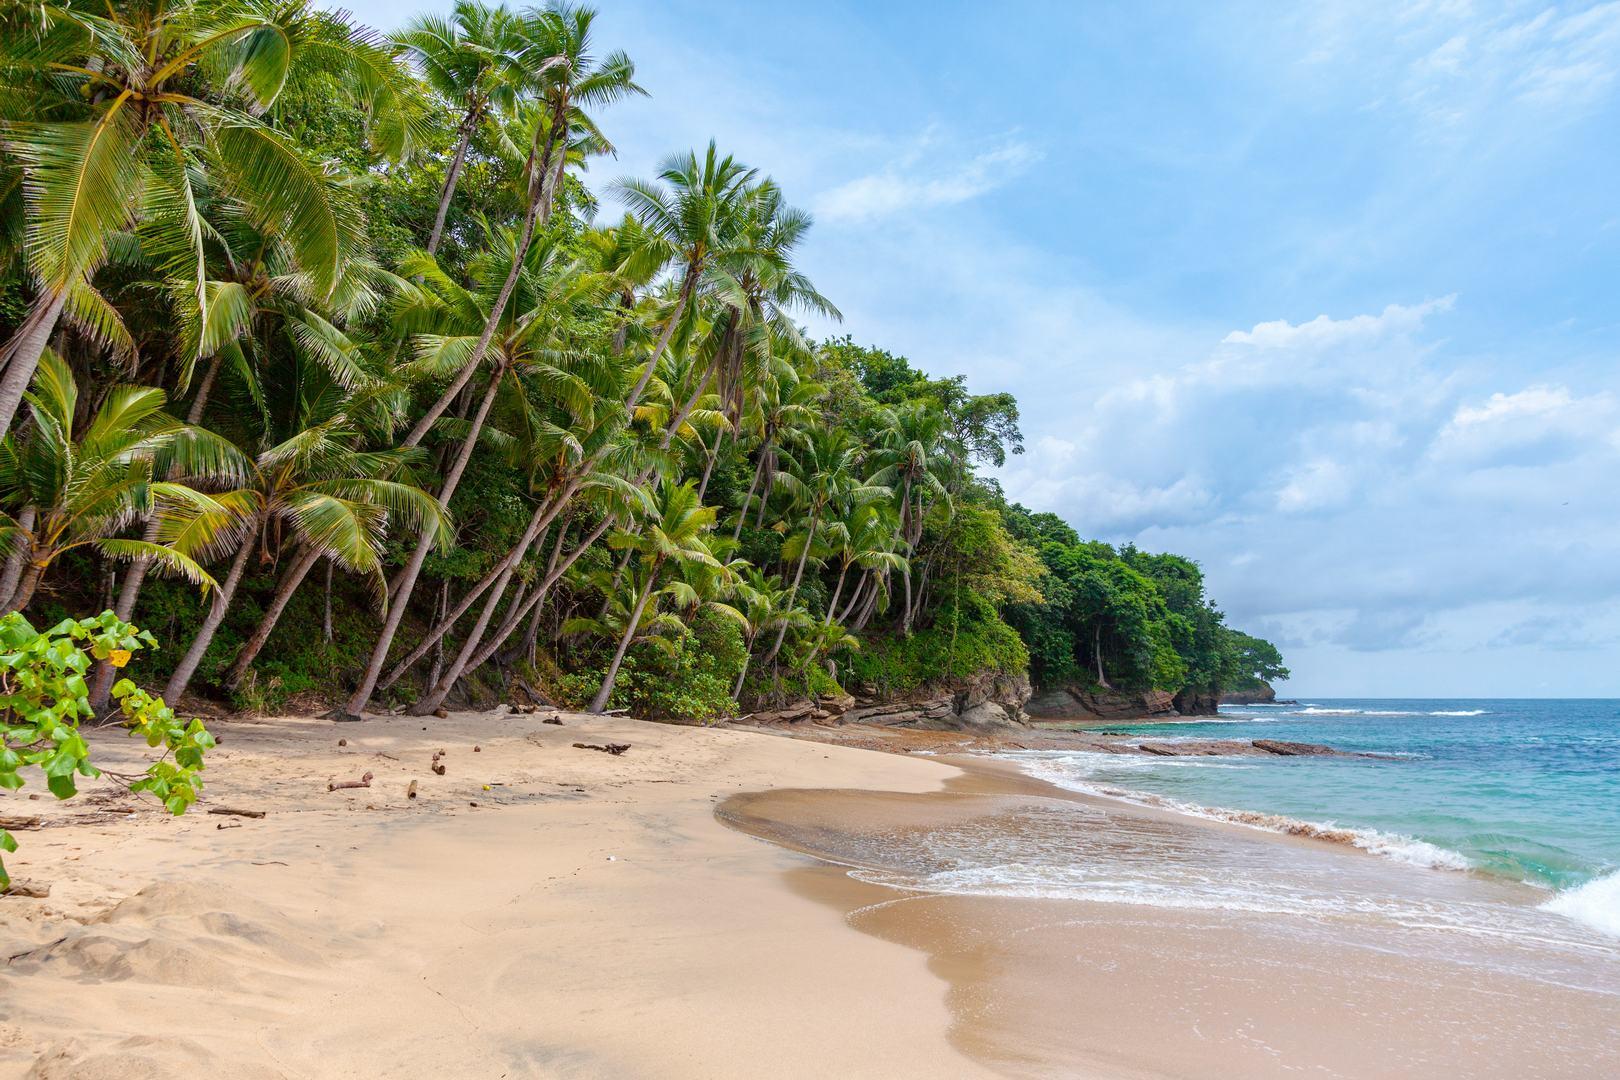 Playa Blanca & Rio Hato Panama